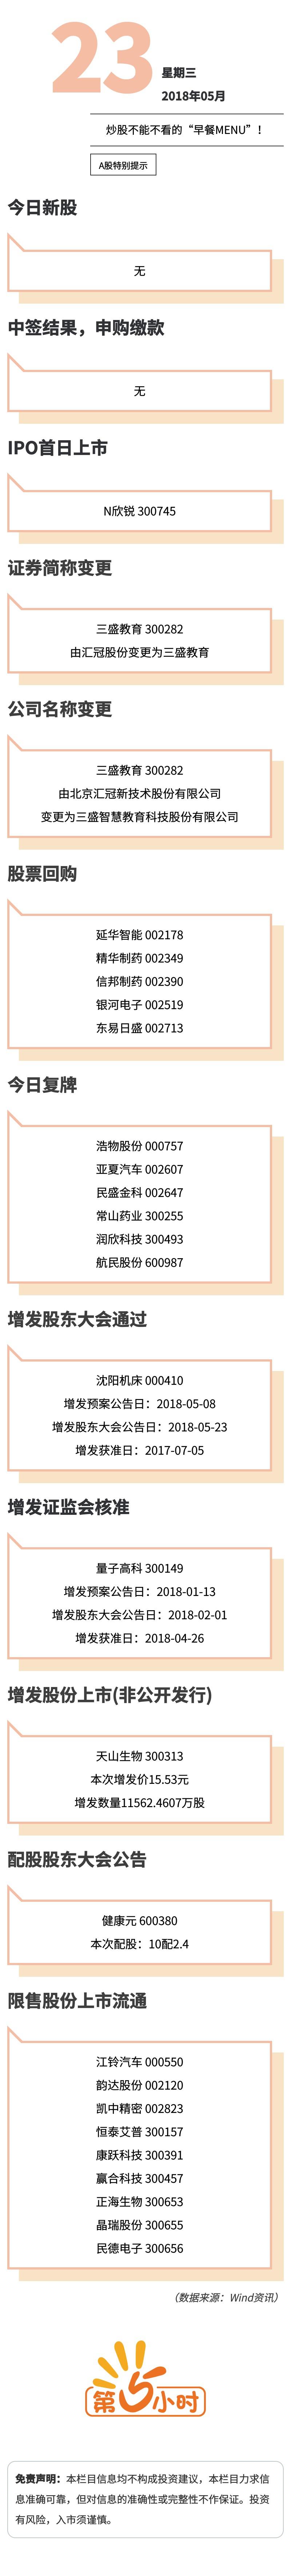 A股特别提示(2018-05-23).jpg